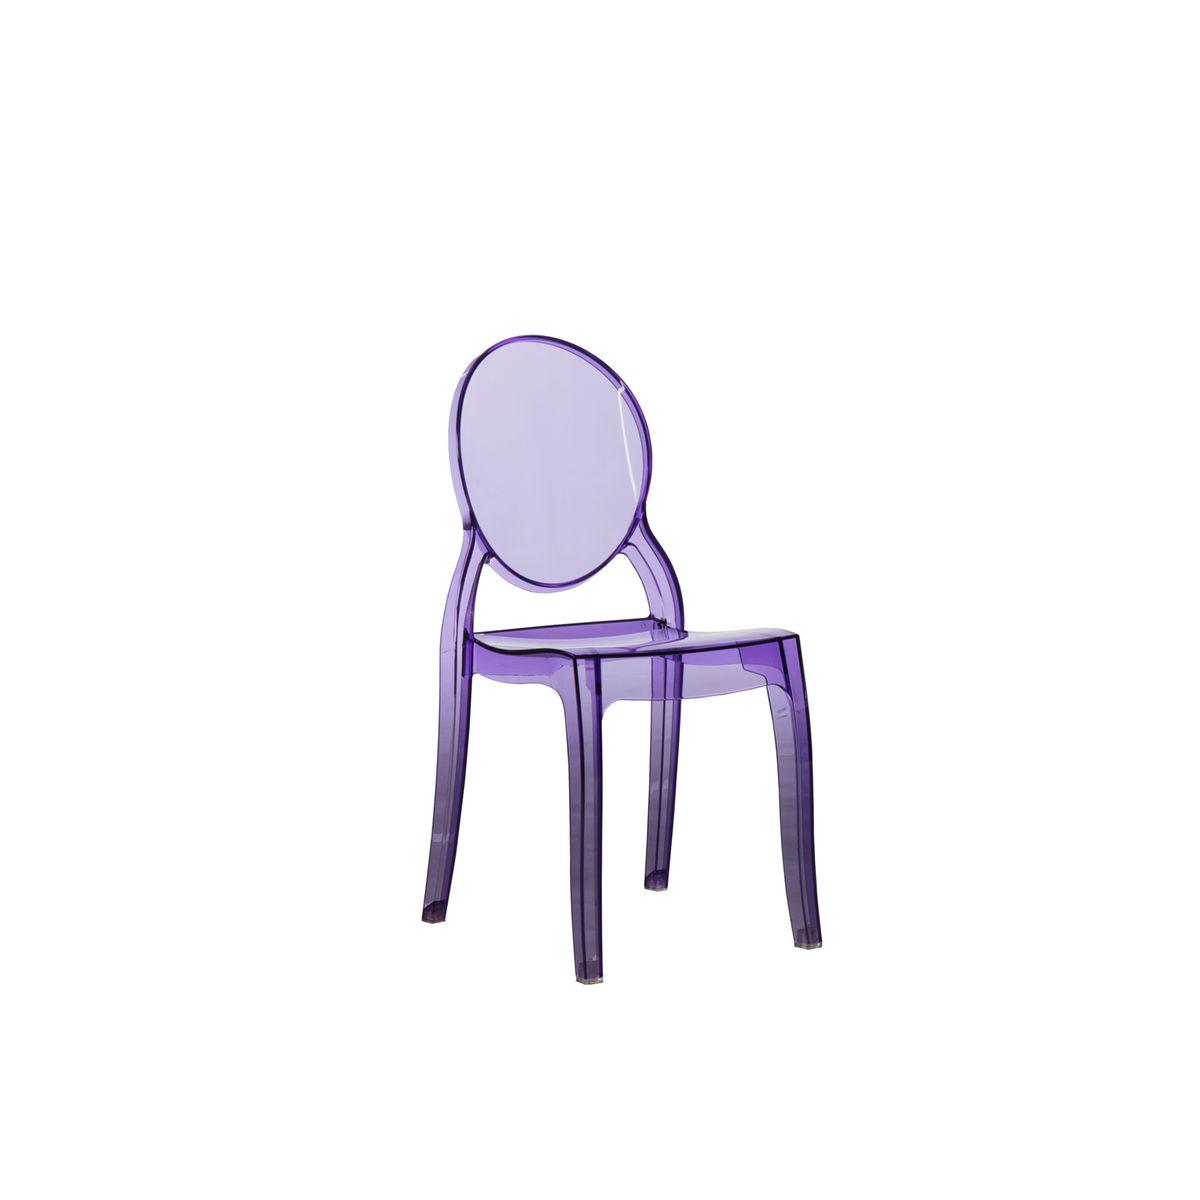 Meubles, déco Chaise, tabouret, banc Chaise